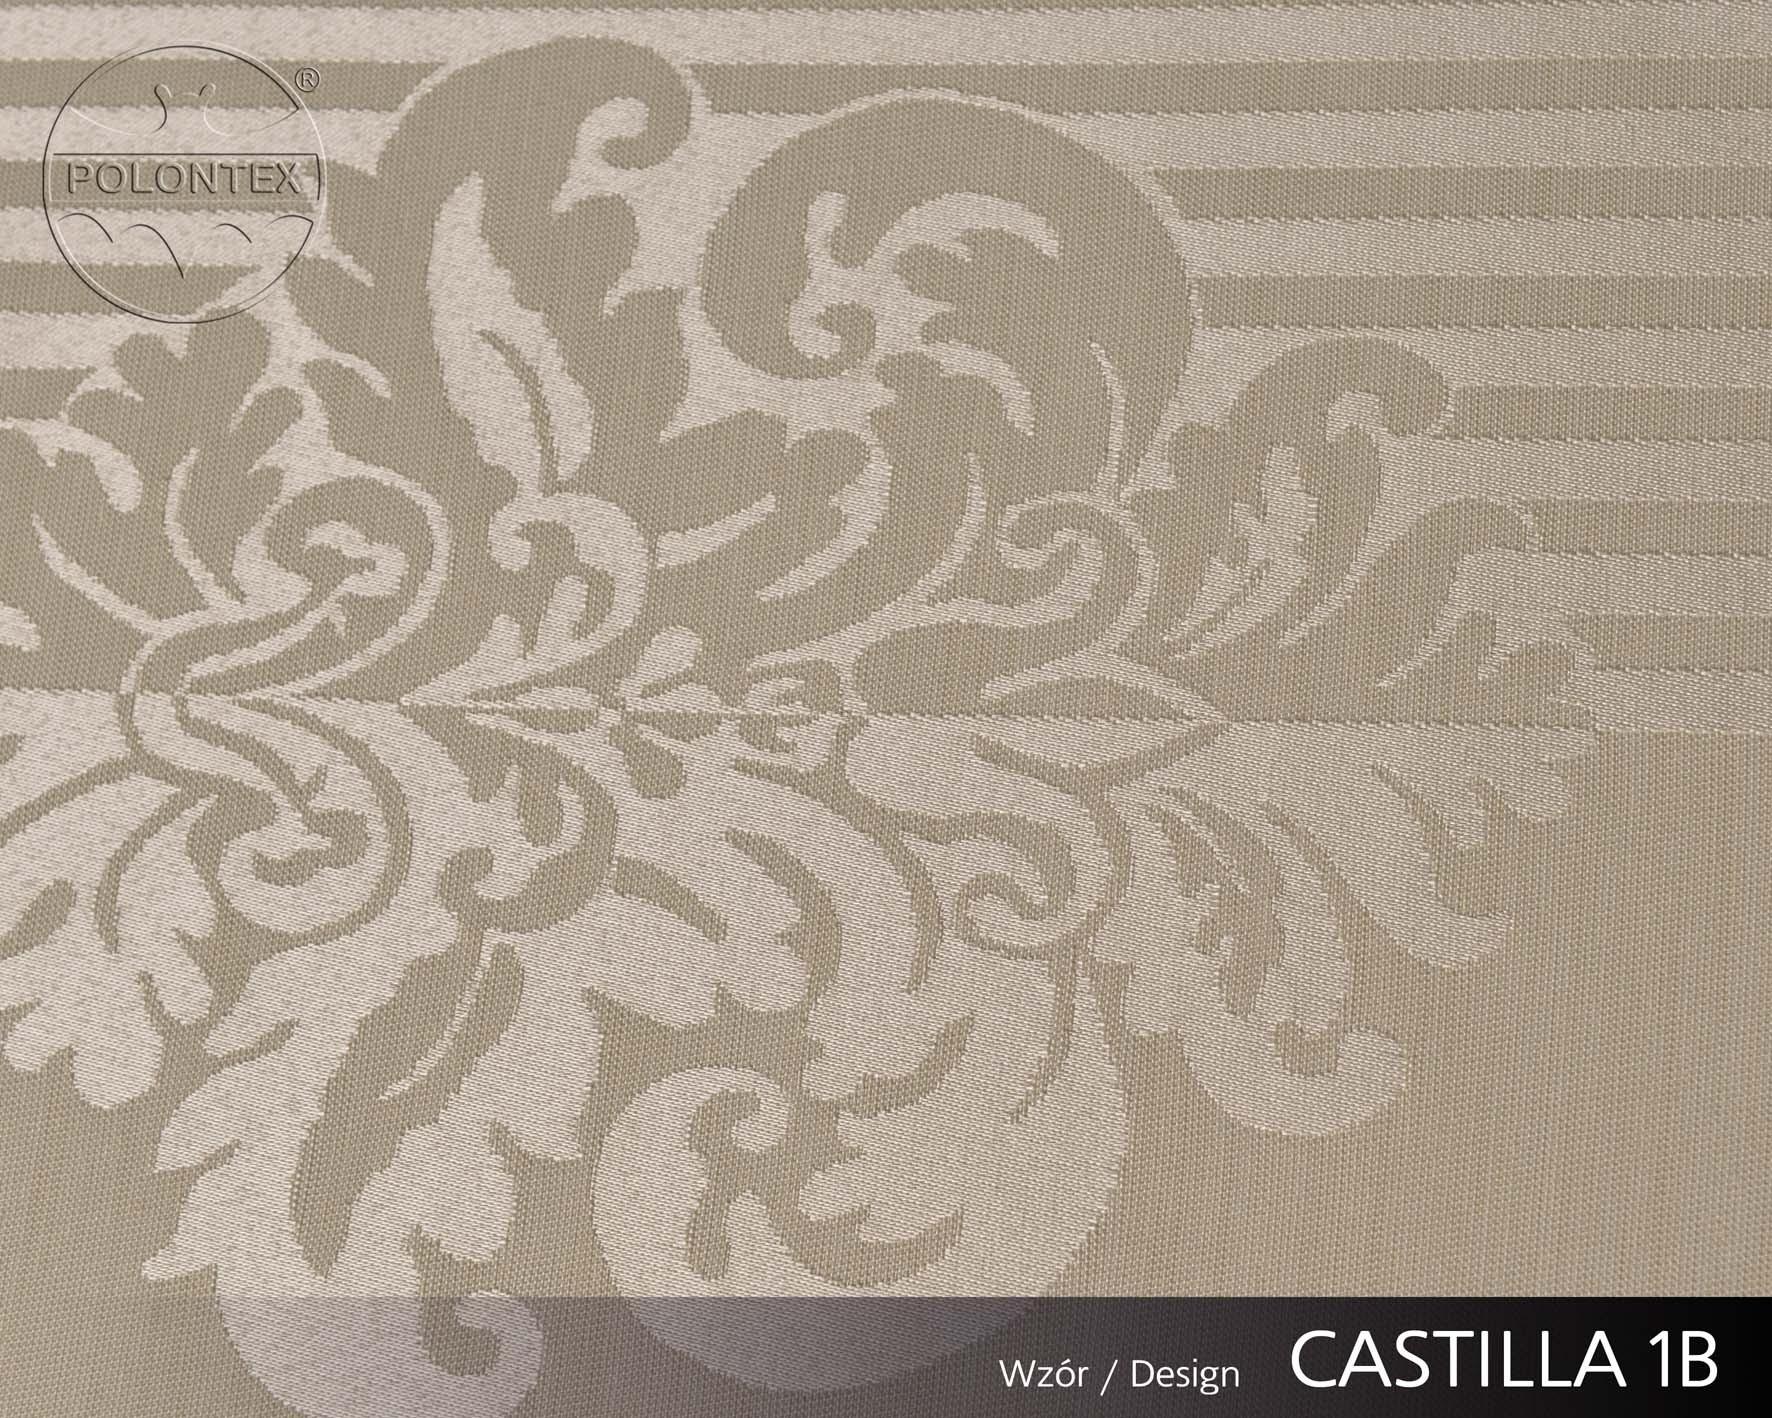 Castilla 1B 1092